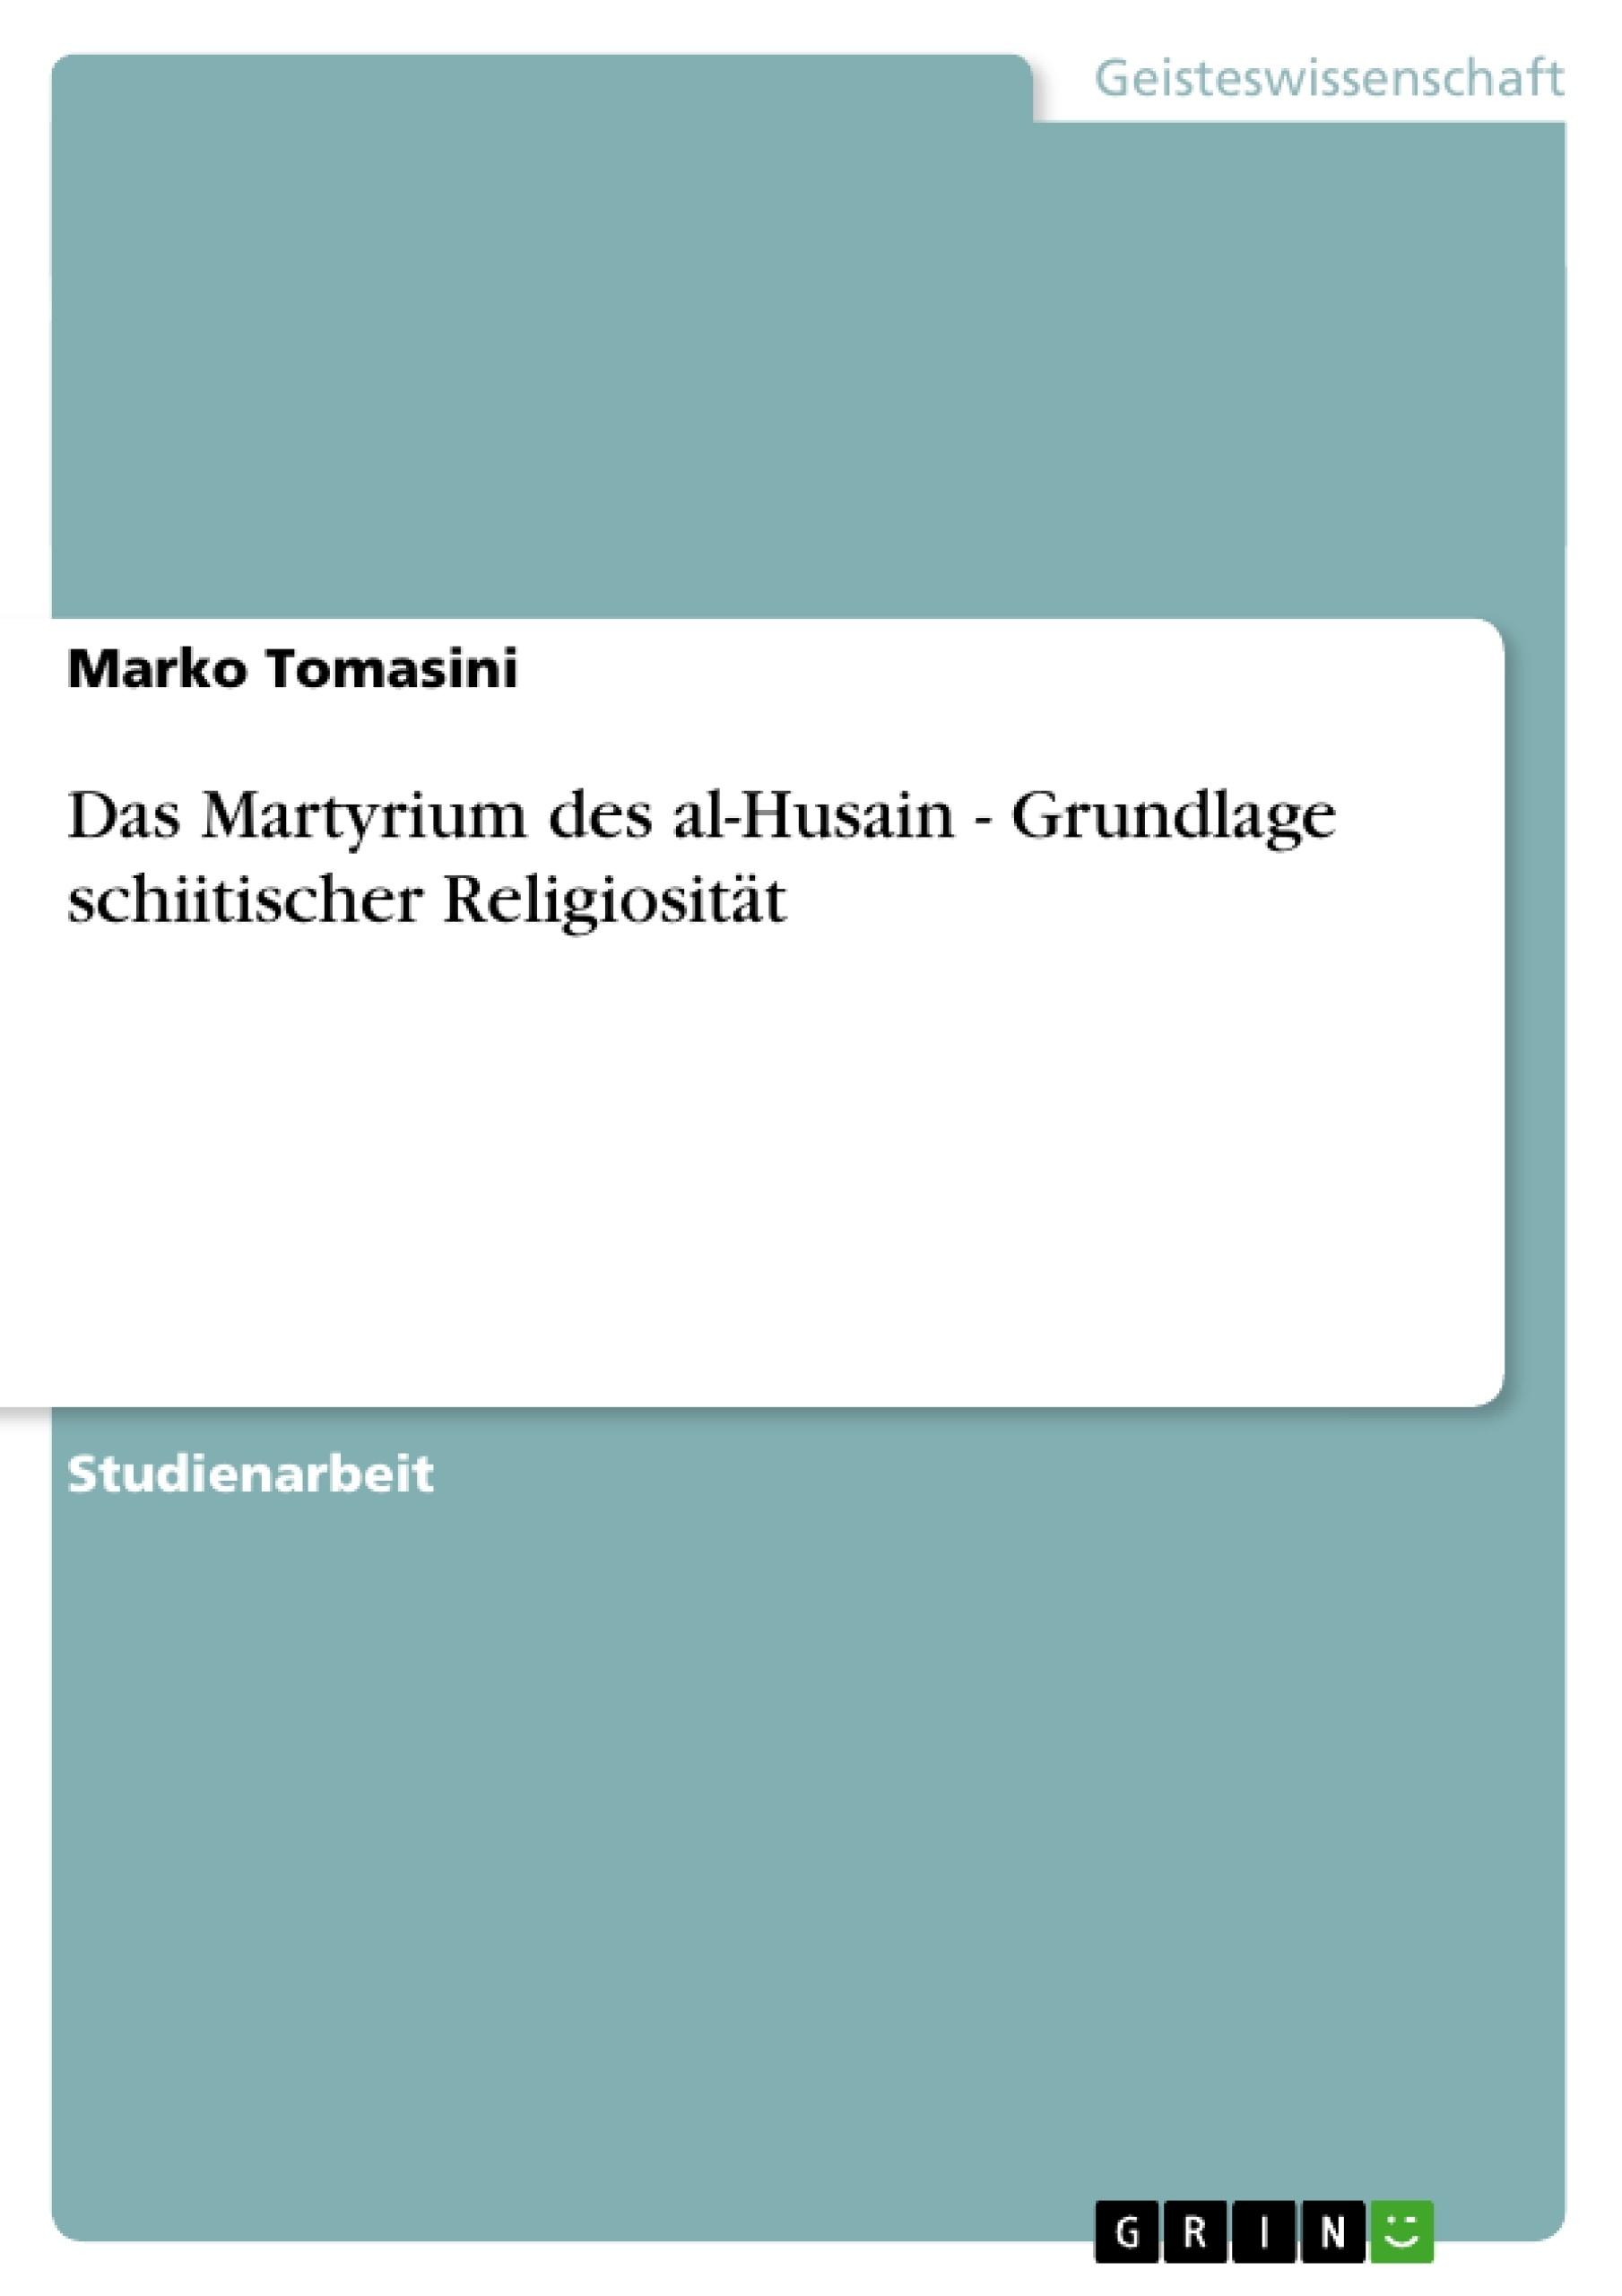 Titel: Das Martyrium des al-Husain - Grundlage schiitischer Religiosität